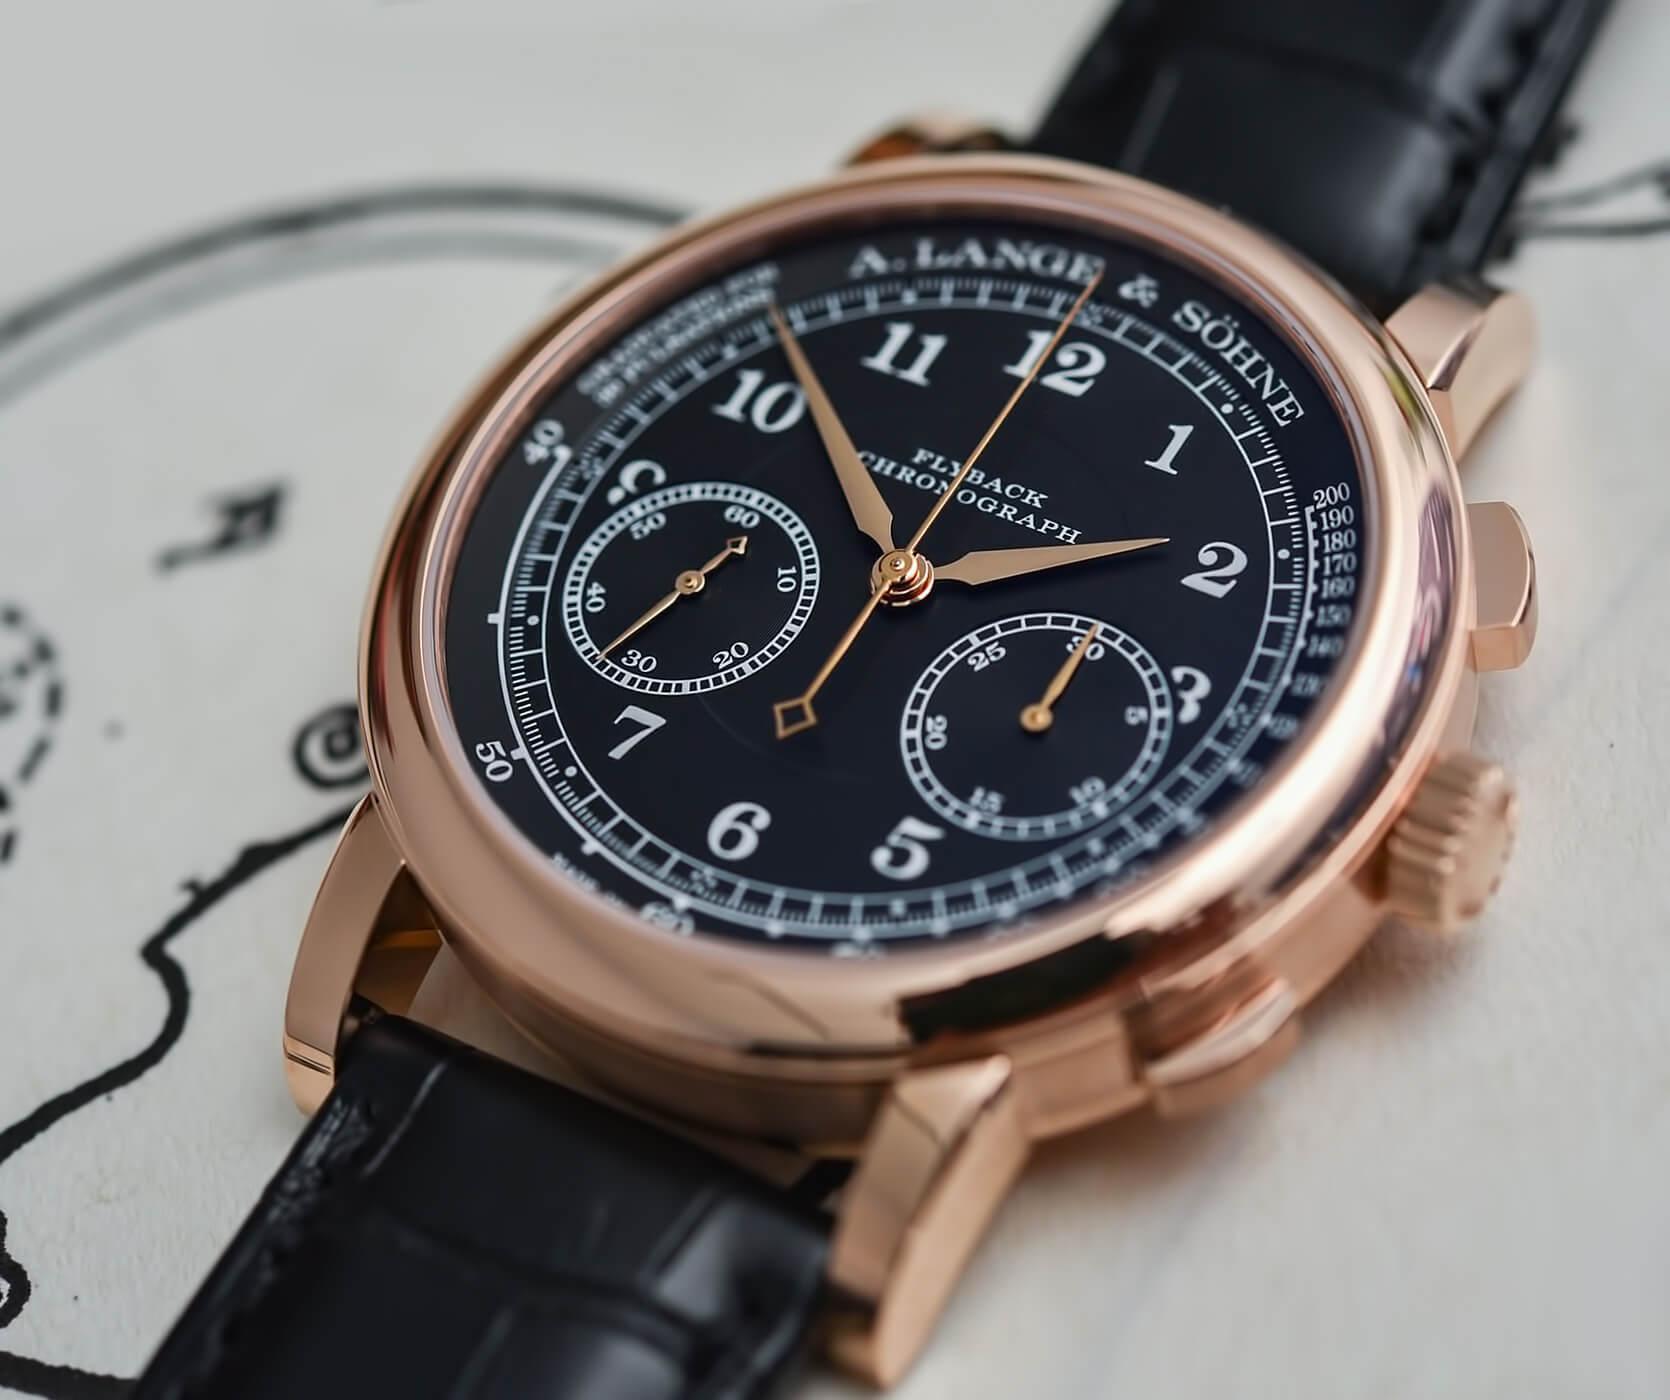 Наручные часы A. Lange & Söhne с ручным заводом